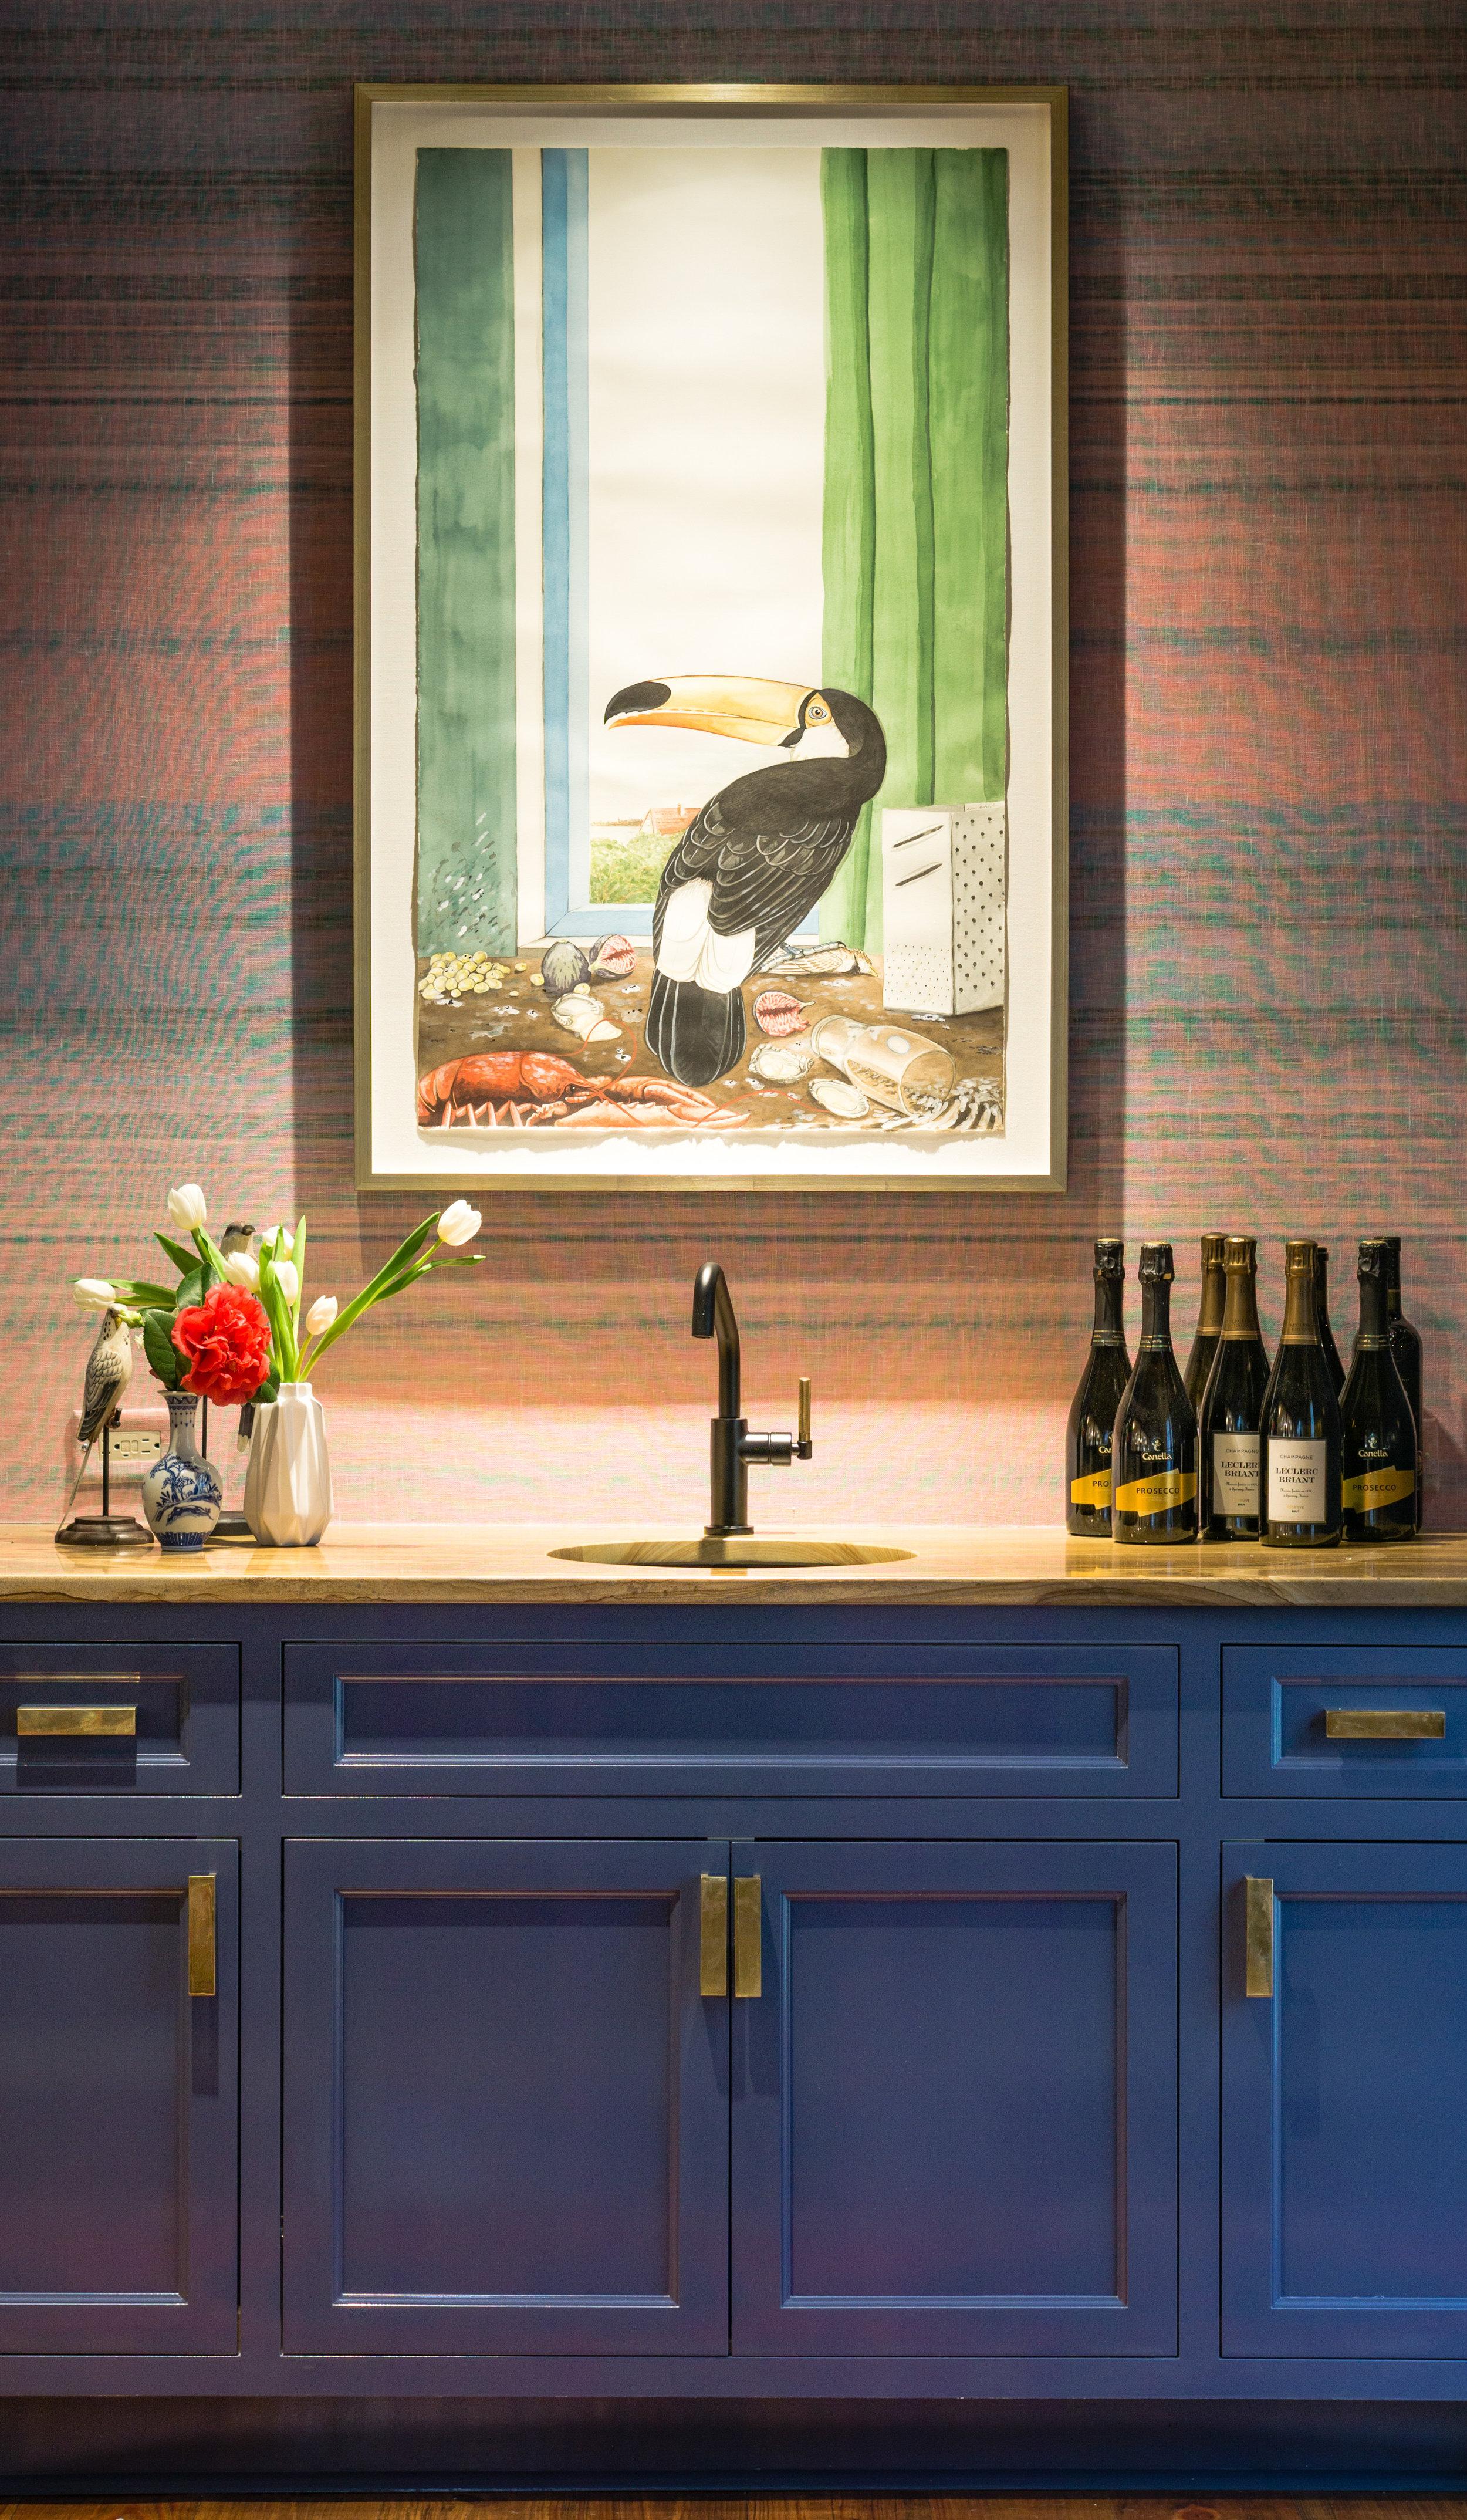 Adam BatchelorStill Life with a Toucan, 2018 -